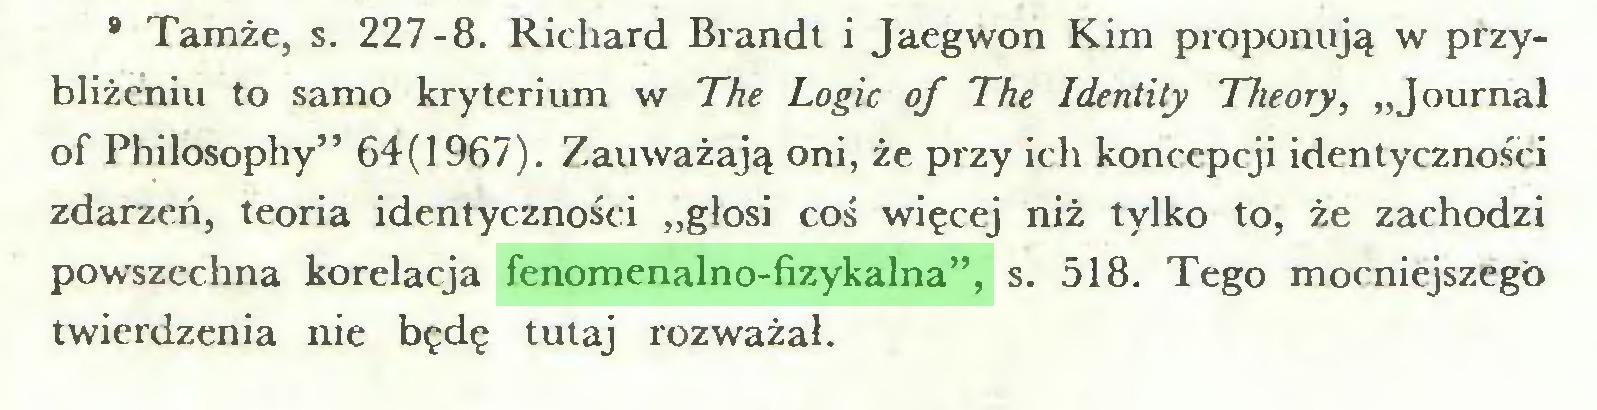 """(...) 8 Tamże, s. 227-8. Richard Brandt i Jaegwon Kim proponują w przybliżeniu to samo kryterium w The Logic of The Identity Theory, """"Journal of Philosophy"""" 64(1967). Zauważają oni, że przy ich koncepcji identyczności zdarzeń, teoria identyczności """"głosi coś więcej niż tylko to, że zachodzi powszechna korelacja fenomenalno-fizykalna"""", s. 518. Tego mocniejszego twierdzenia nie będę tutaj rozważał..."""